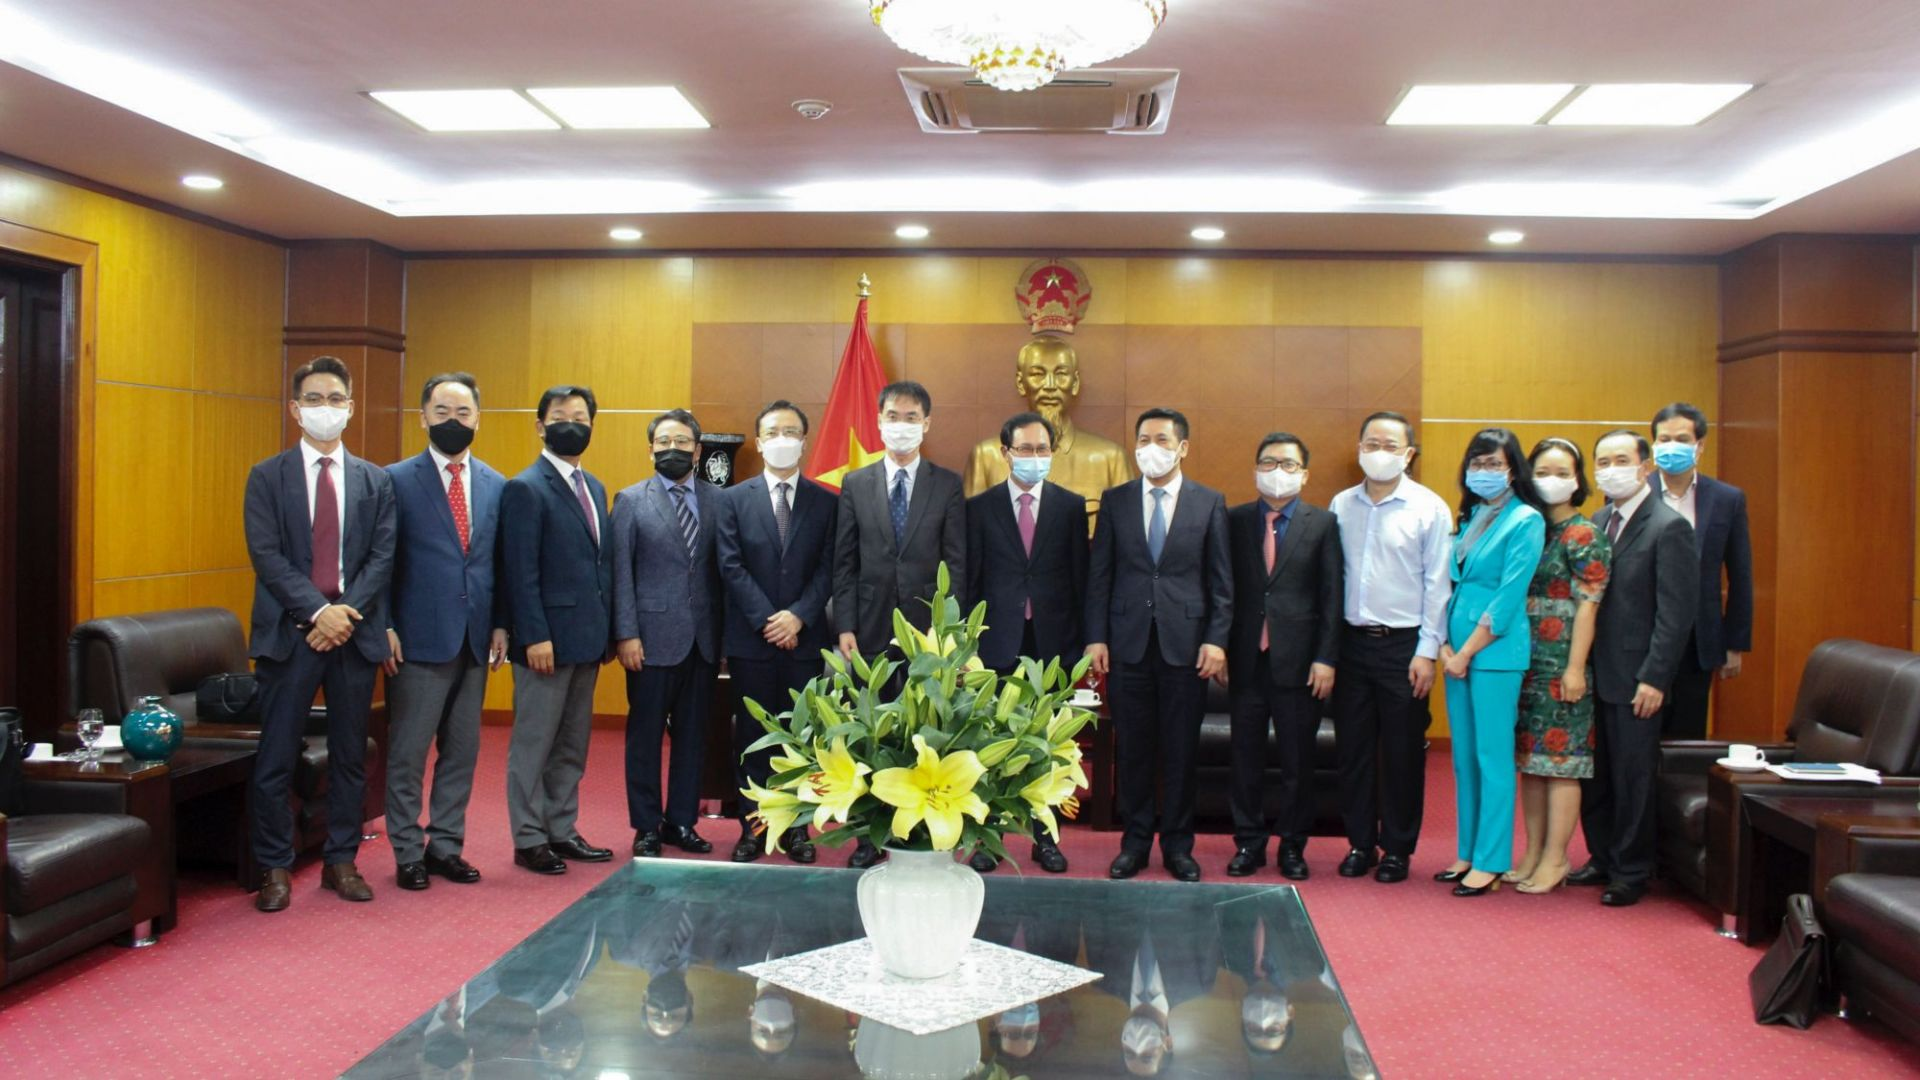 Bộ trưởng Nguyễn Hồng Diên tiếp và làm việc với lãnh đạo Tổ hợp Samsung tại Việt Nam